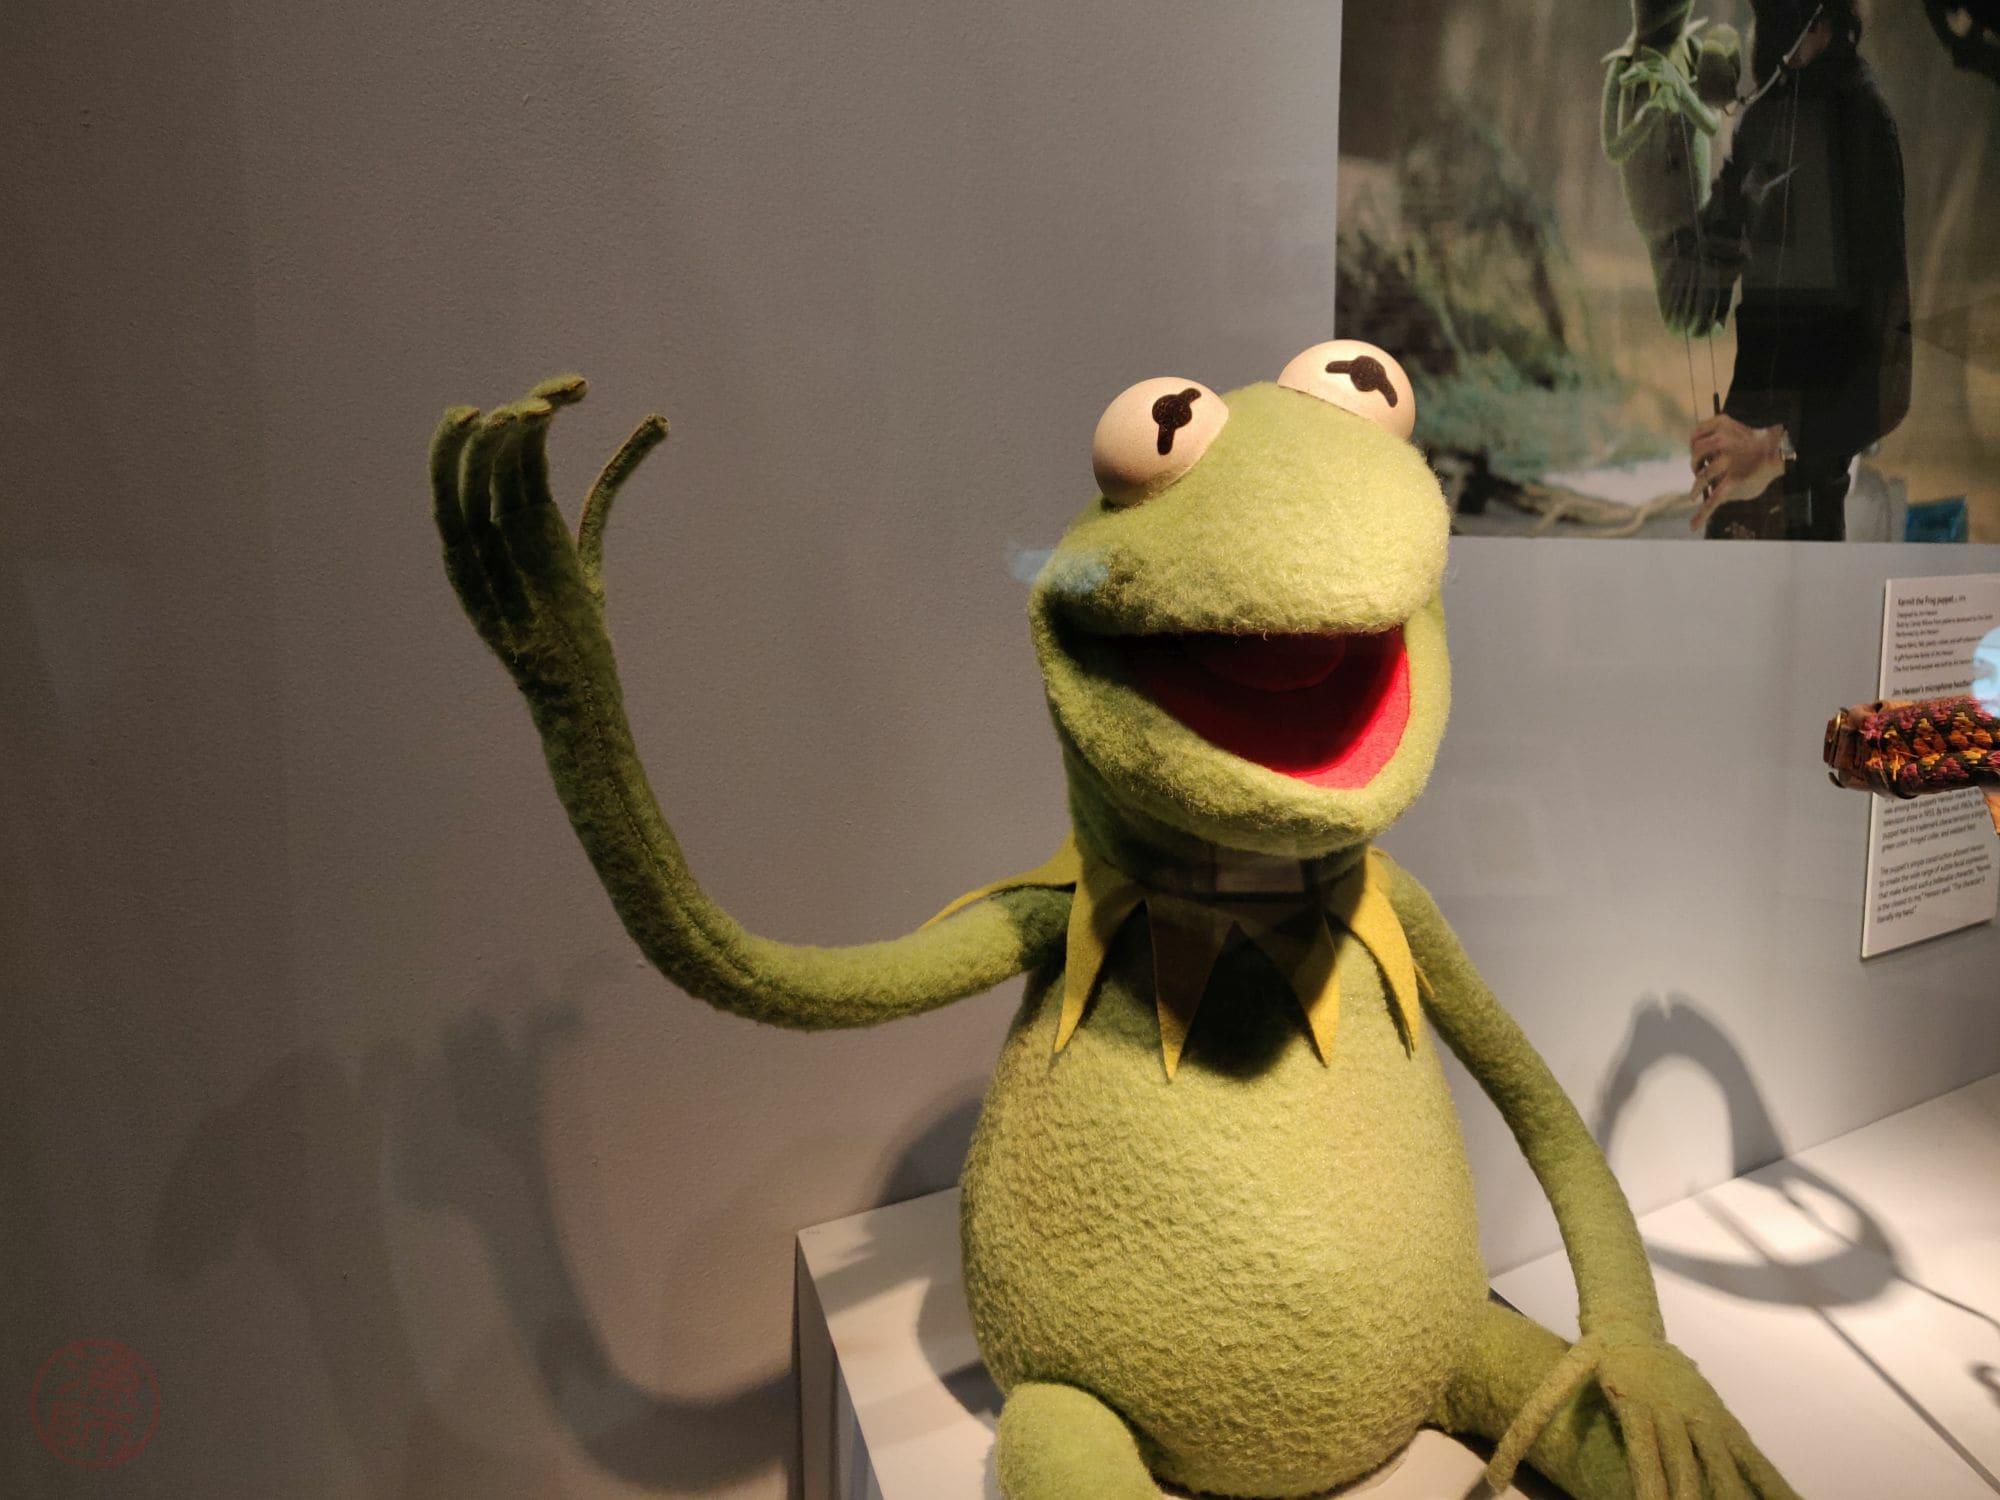 Breki/Kermit